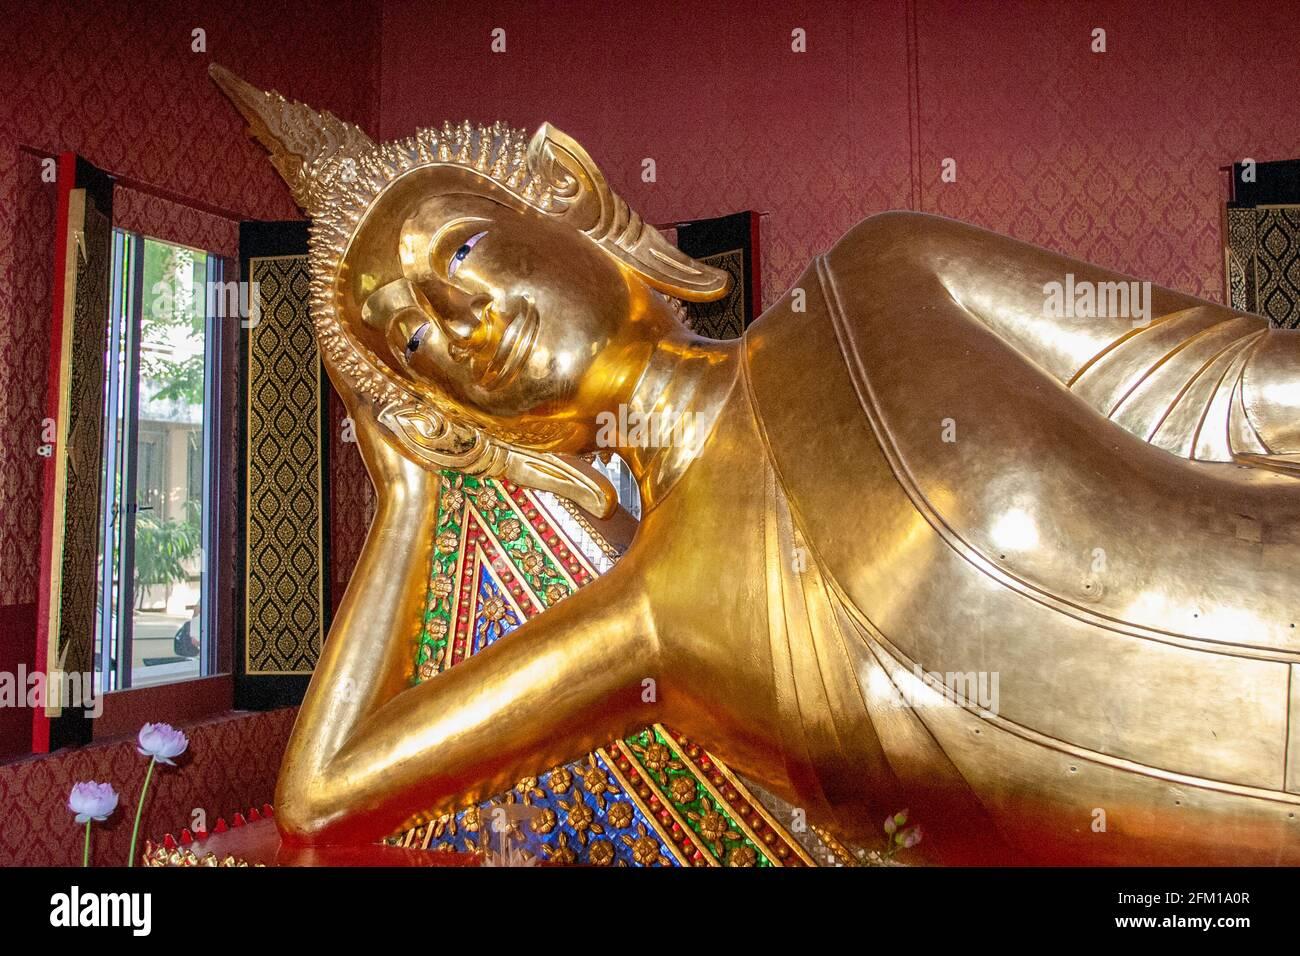 Le Bouddha couché du Temple Wat Pho à Bangkok. Le temple a été fondé au XVIe siècle Banque D'Images